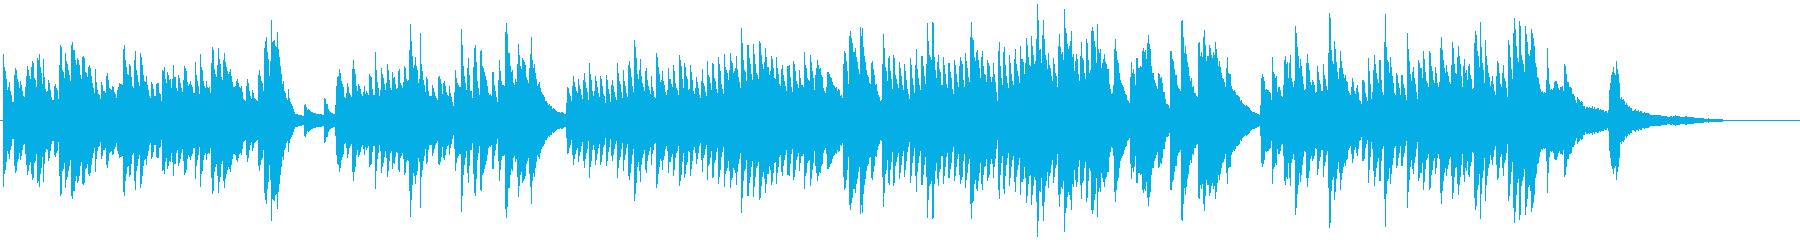 ピアノの旋律が切なくて美しいクラシックの再生済みの波形